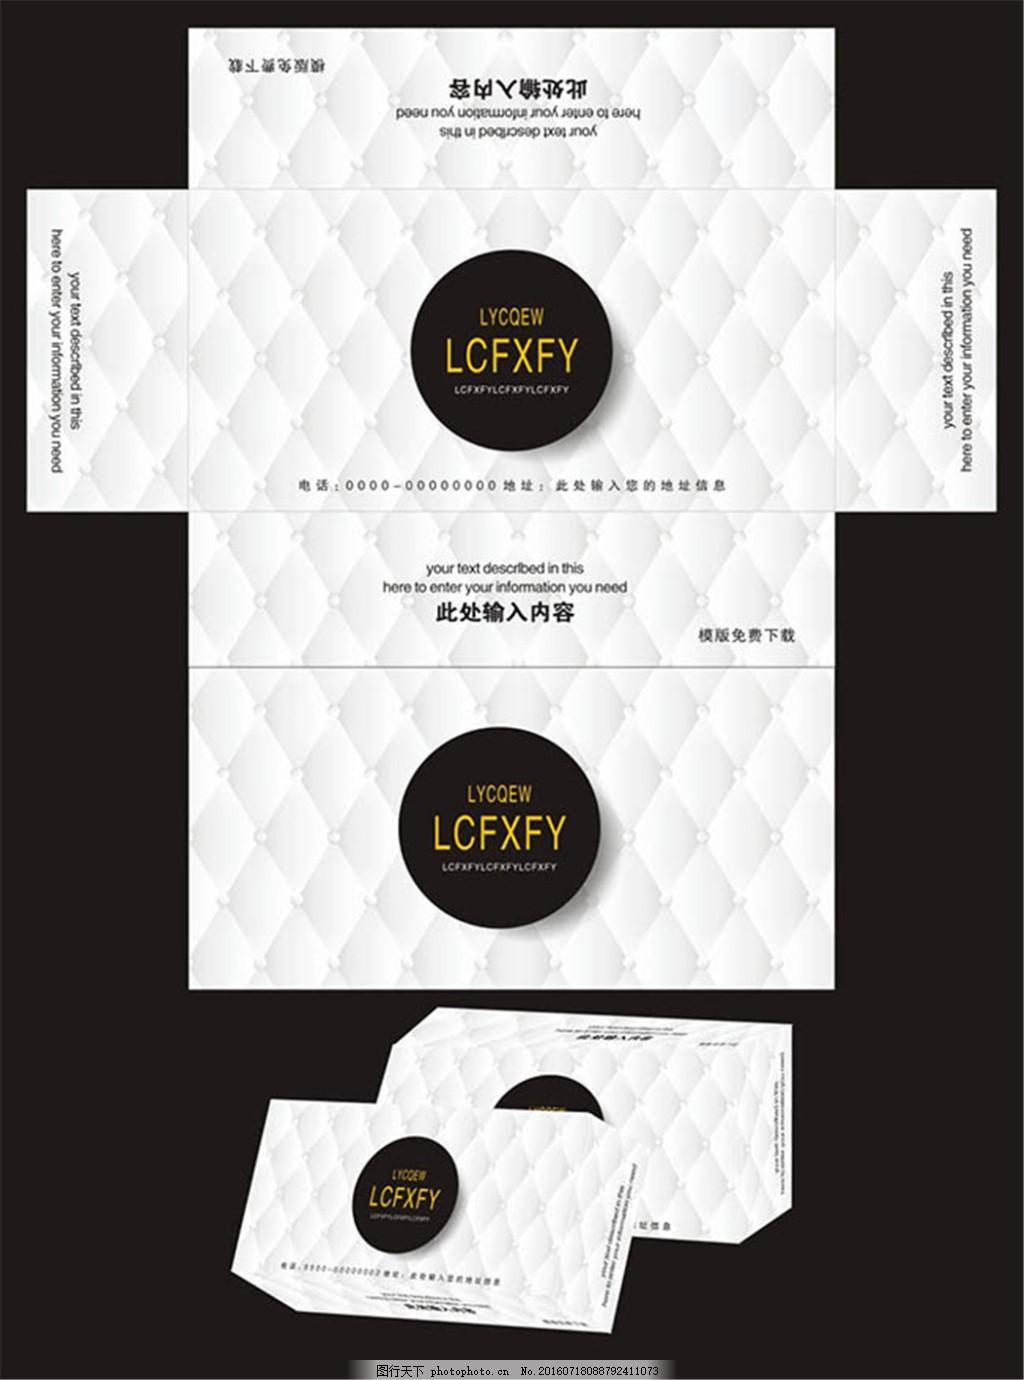 盒包装设计模板cdr素材下载 黑白包装盒 简约 大气包装盒 果图片